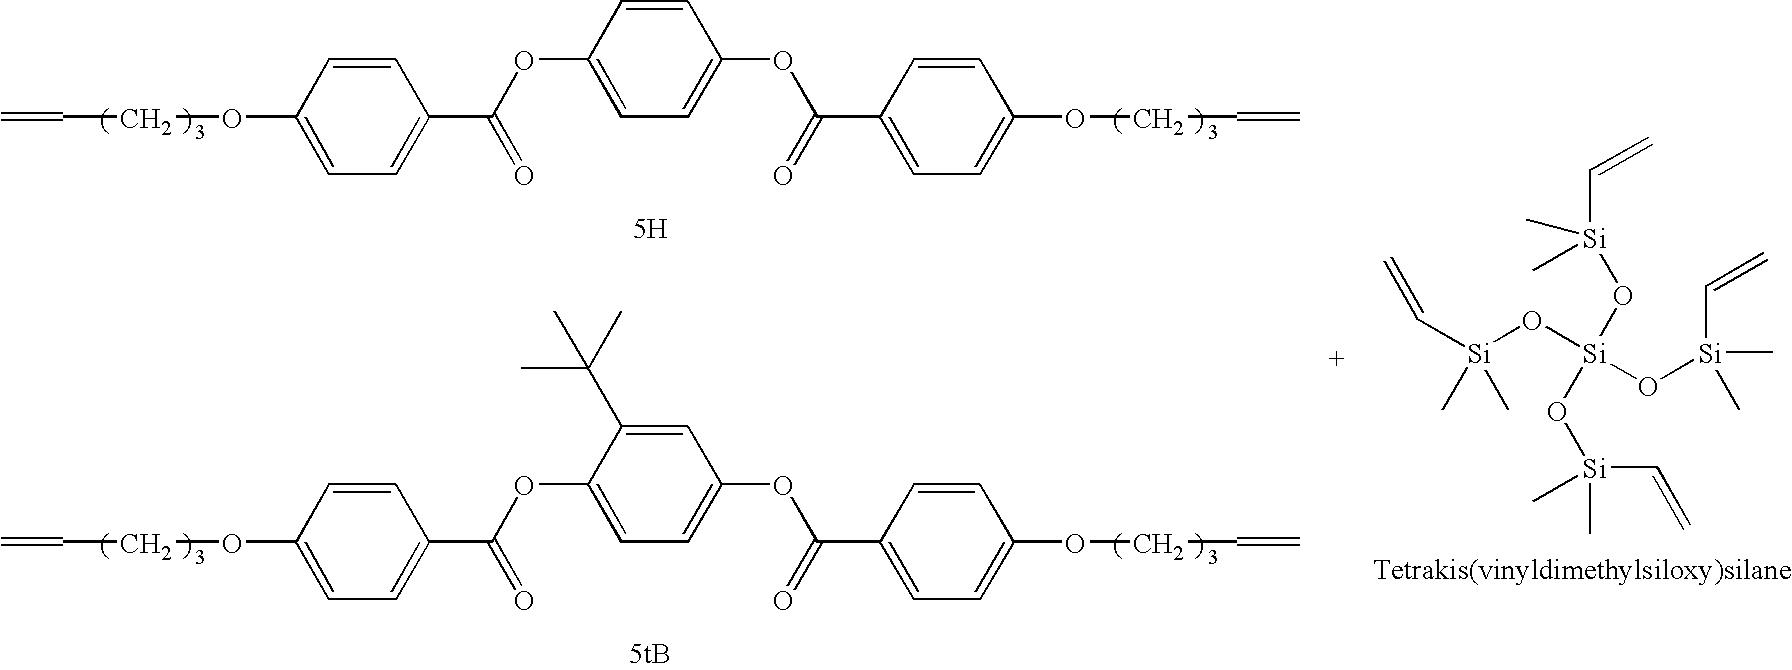 Figure US20090240075A1-20090924-C00023